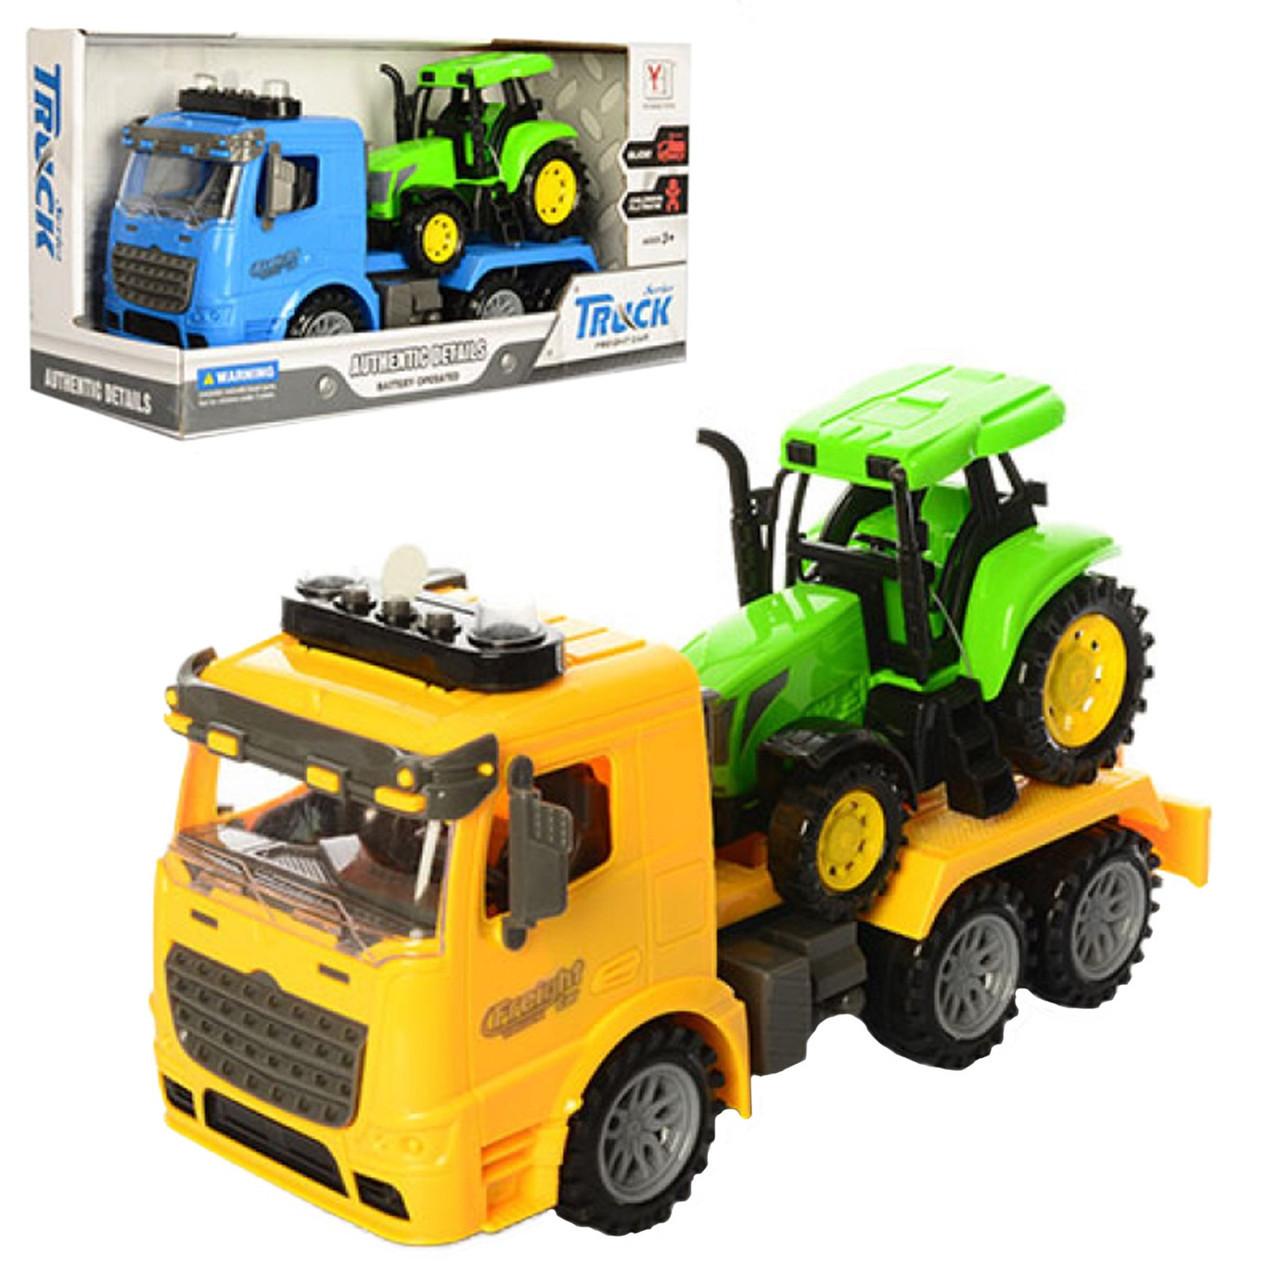 Трейлер інер-ий 28см,трактор,звук.,світ.,на бат-ці,в кор-ці,34х17х12,5см №98-613A(36)